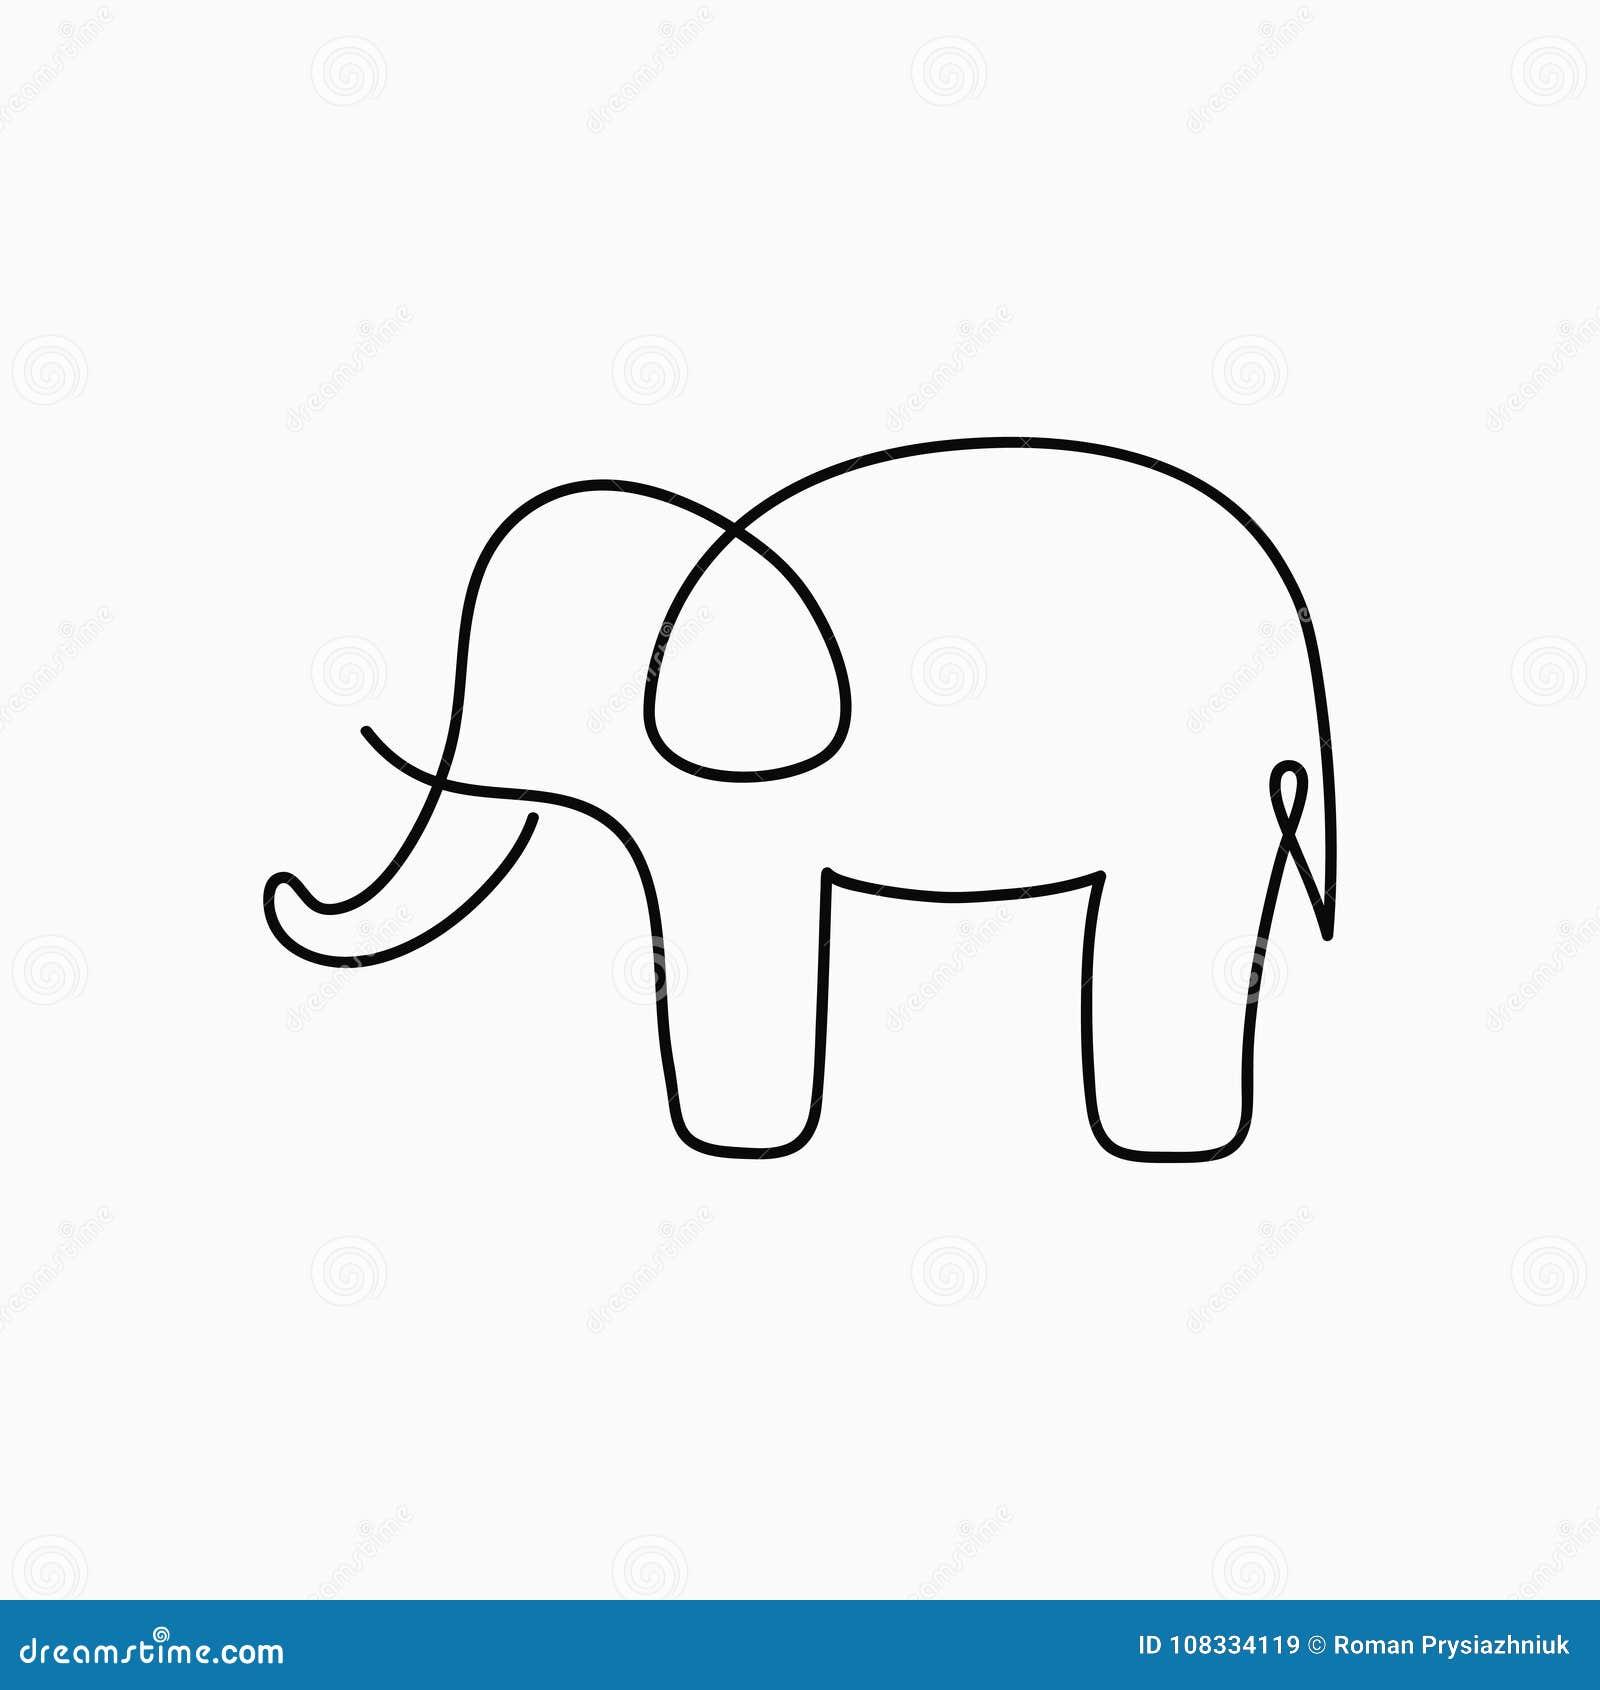 Disegno A Tratteggio Dell Elefante Uno Linea Continua Animale